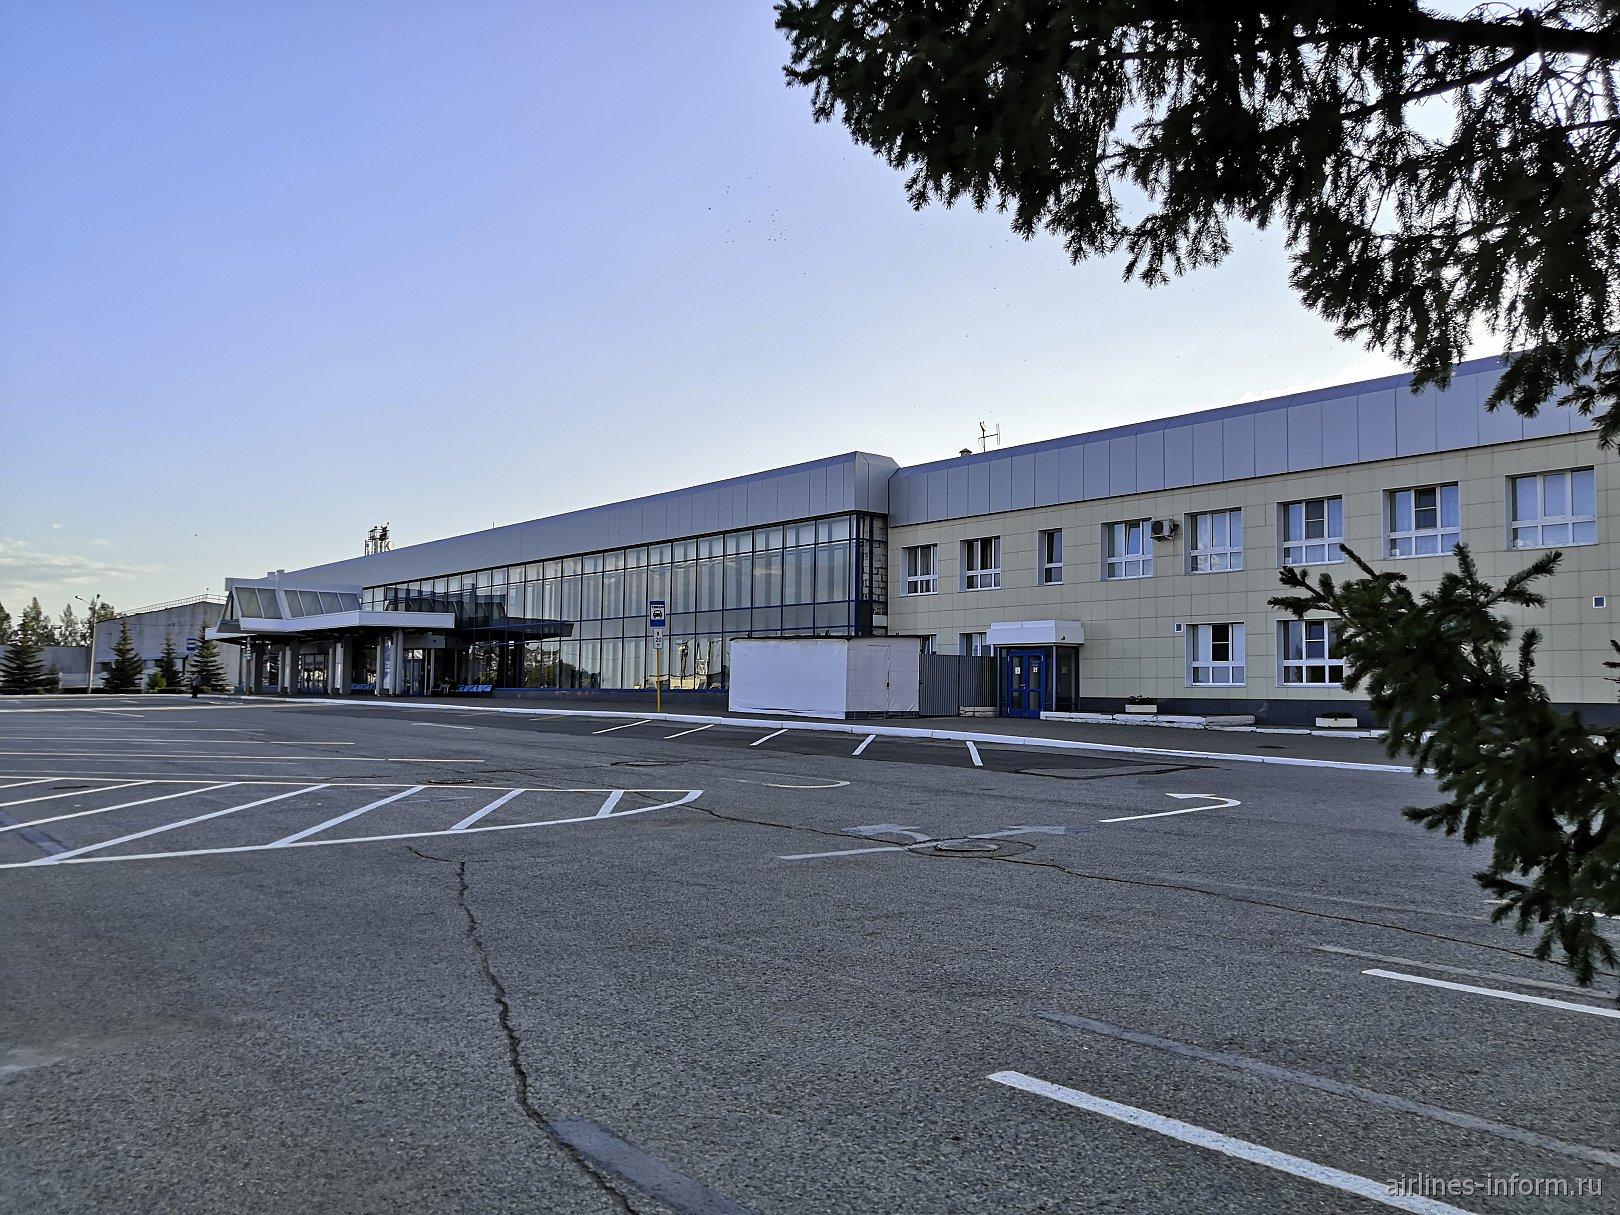 Пассажирский терминал аэропорта Магнитогорск